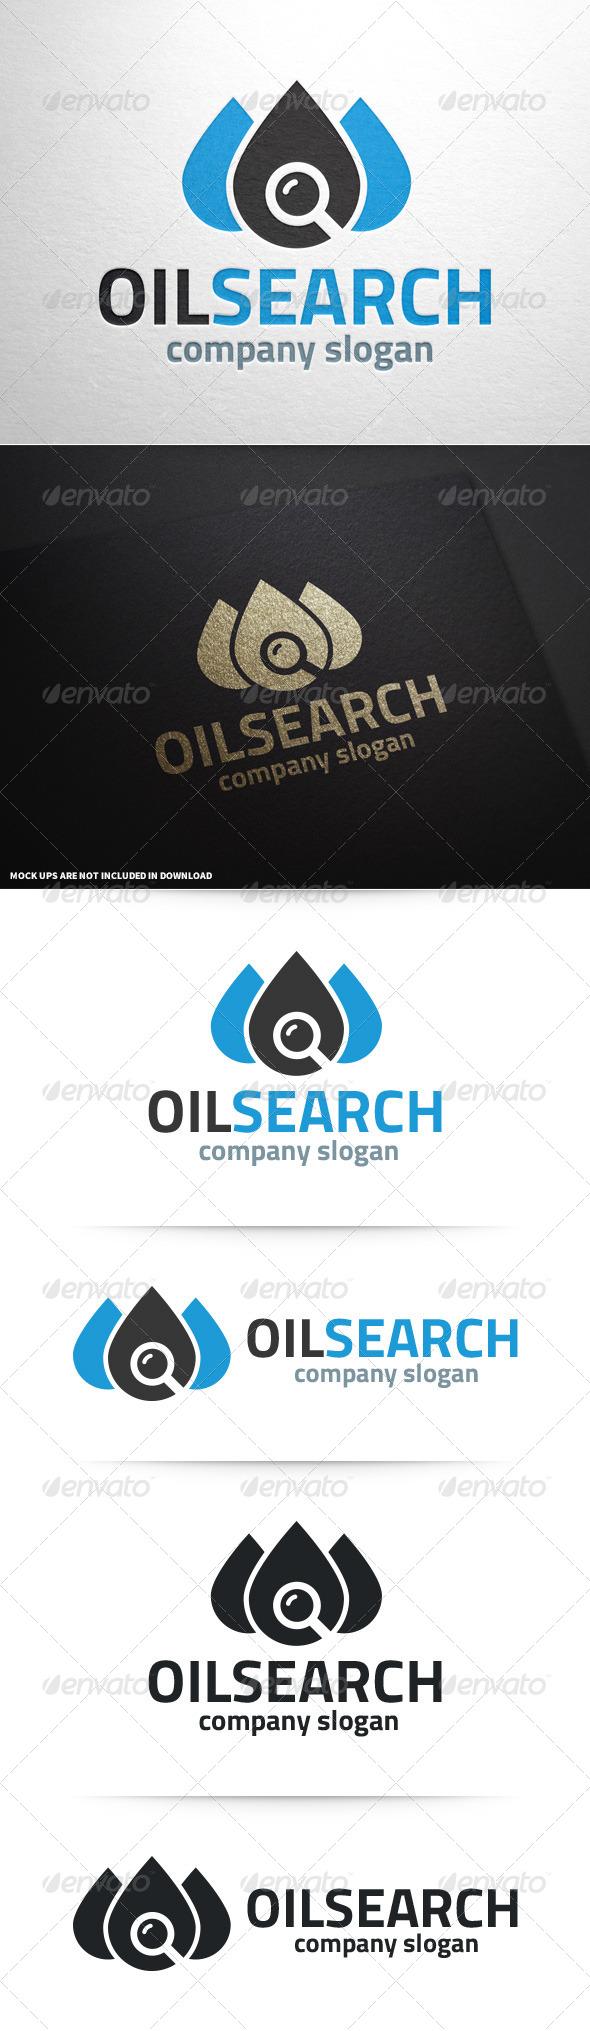 GraphicRiver Oil Search Logo Template 8591980